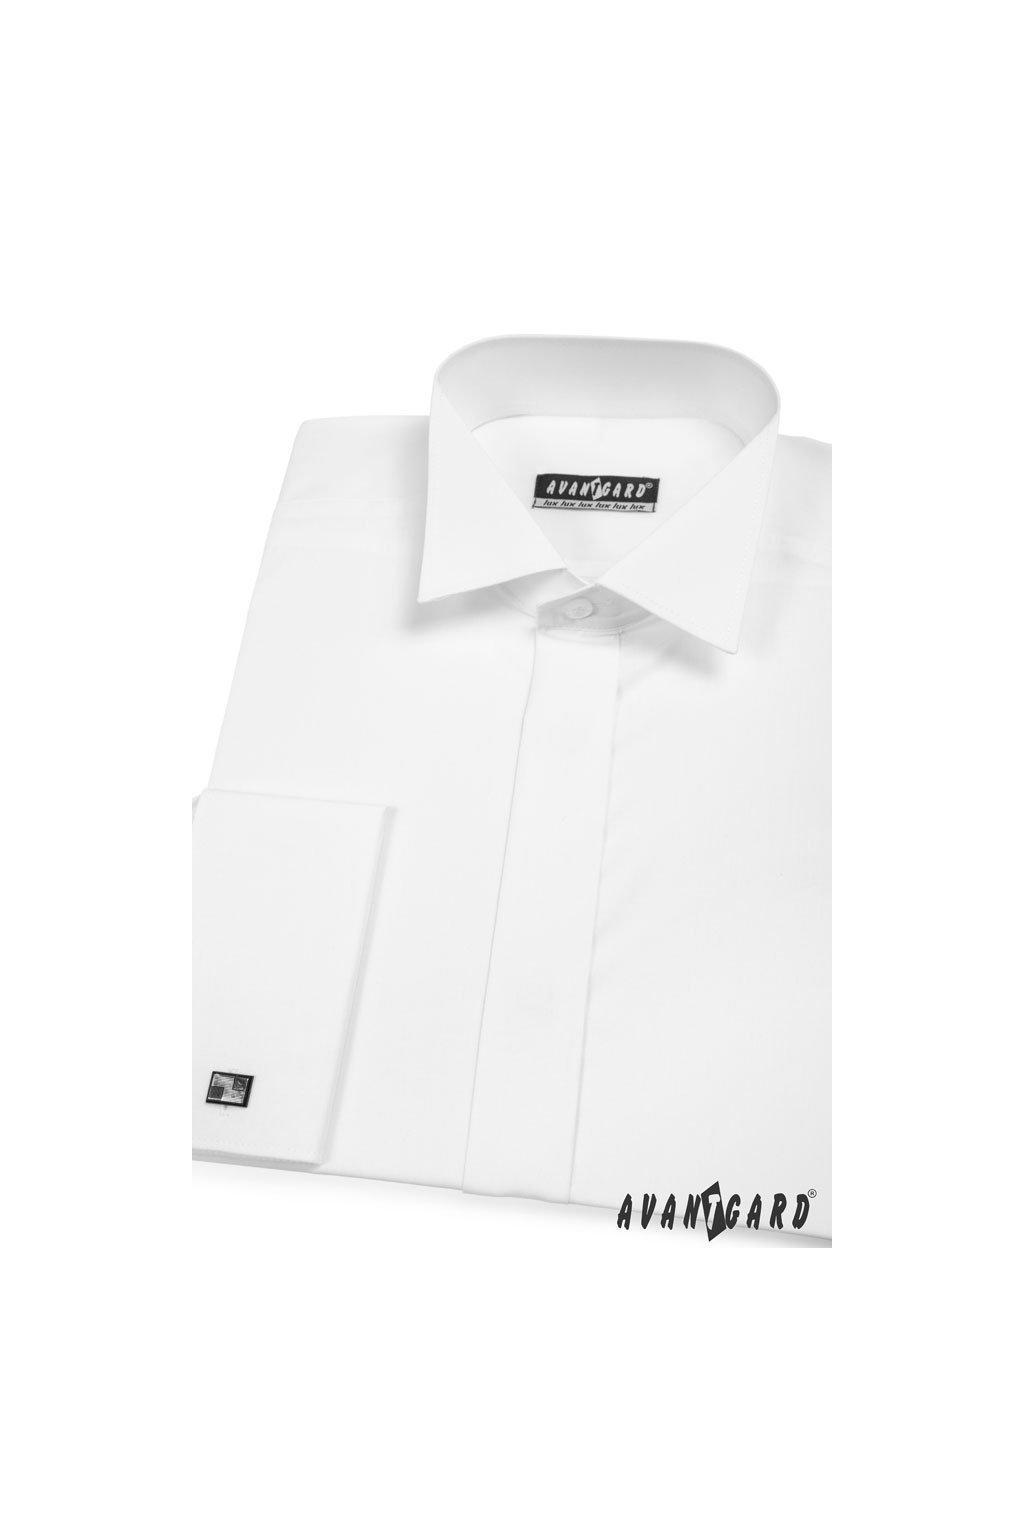 Pánská košile FRAKOVKA MK s krytou légou bílá 671 - 1